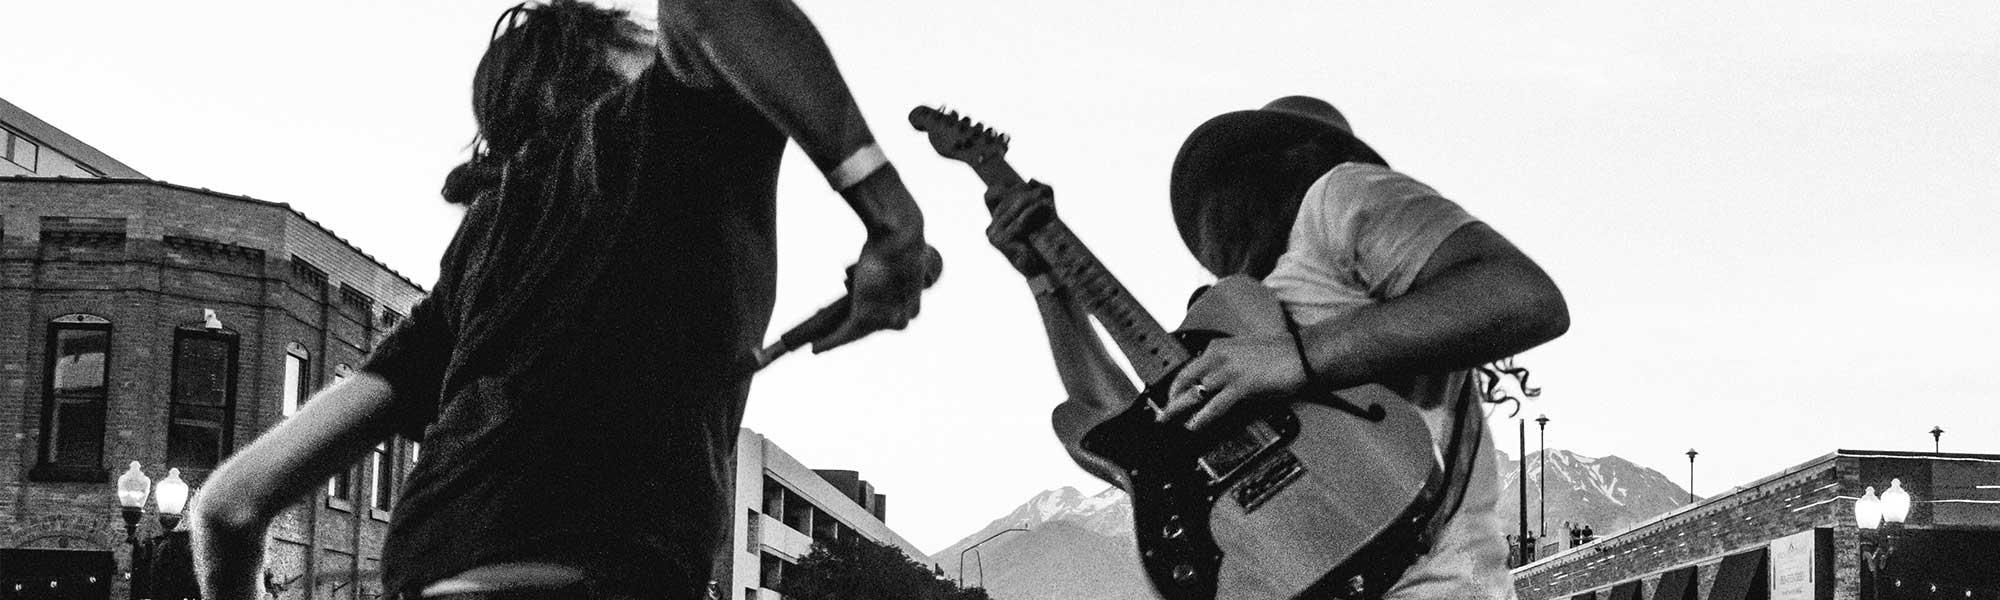 Rockband Bremen buchen für Event